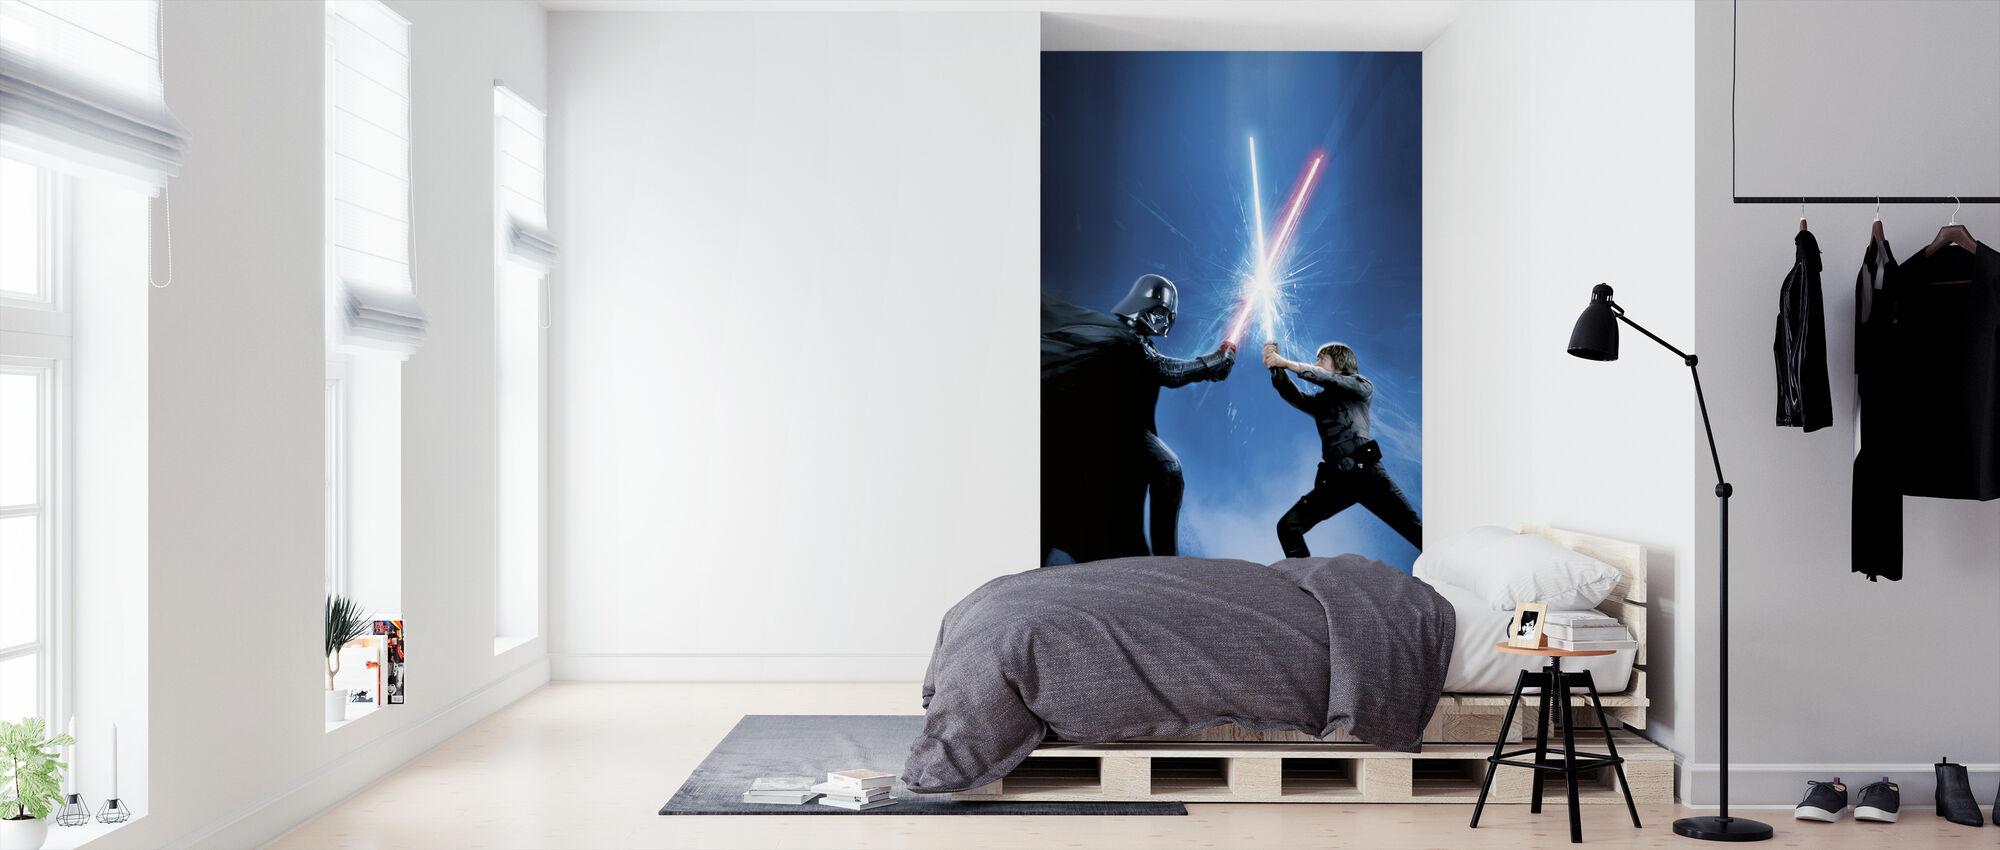 Stjärnornas krig - Darth Vader och Luke Skywalker - Tapet - Sovrum